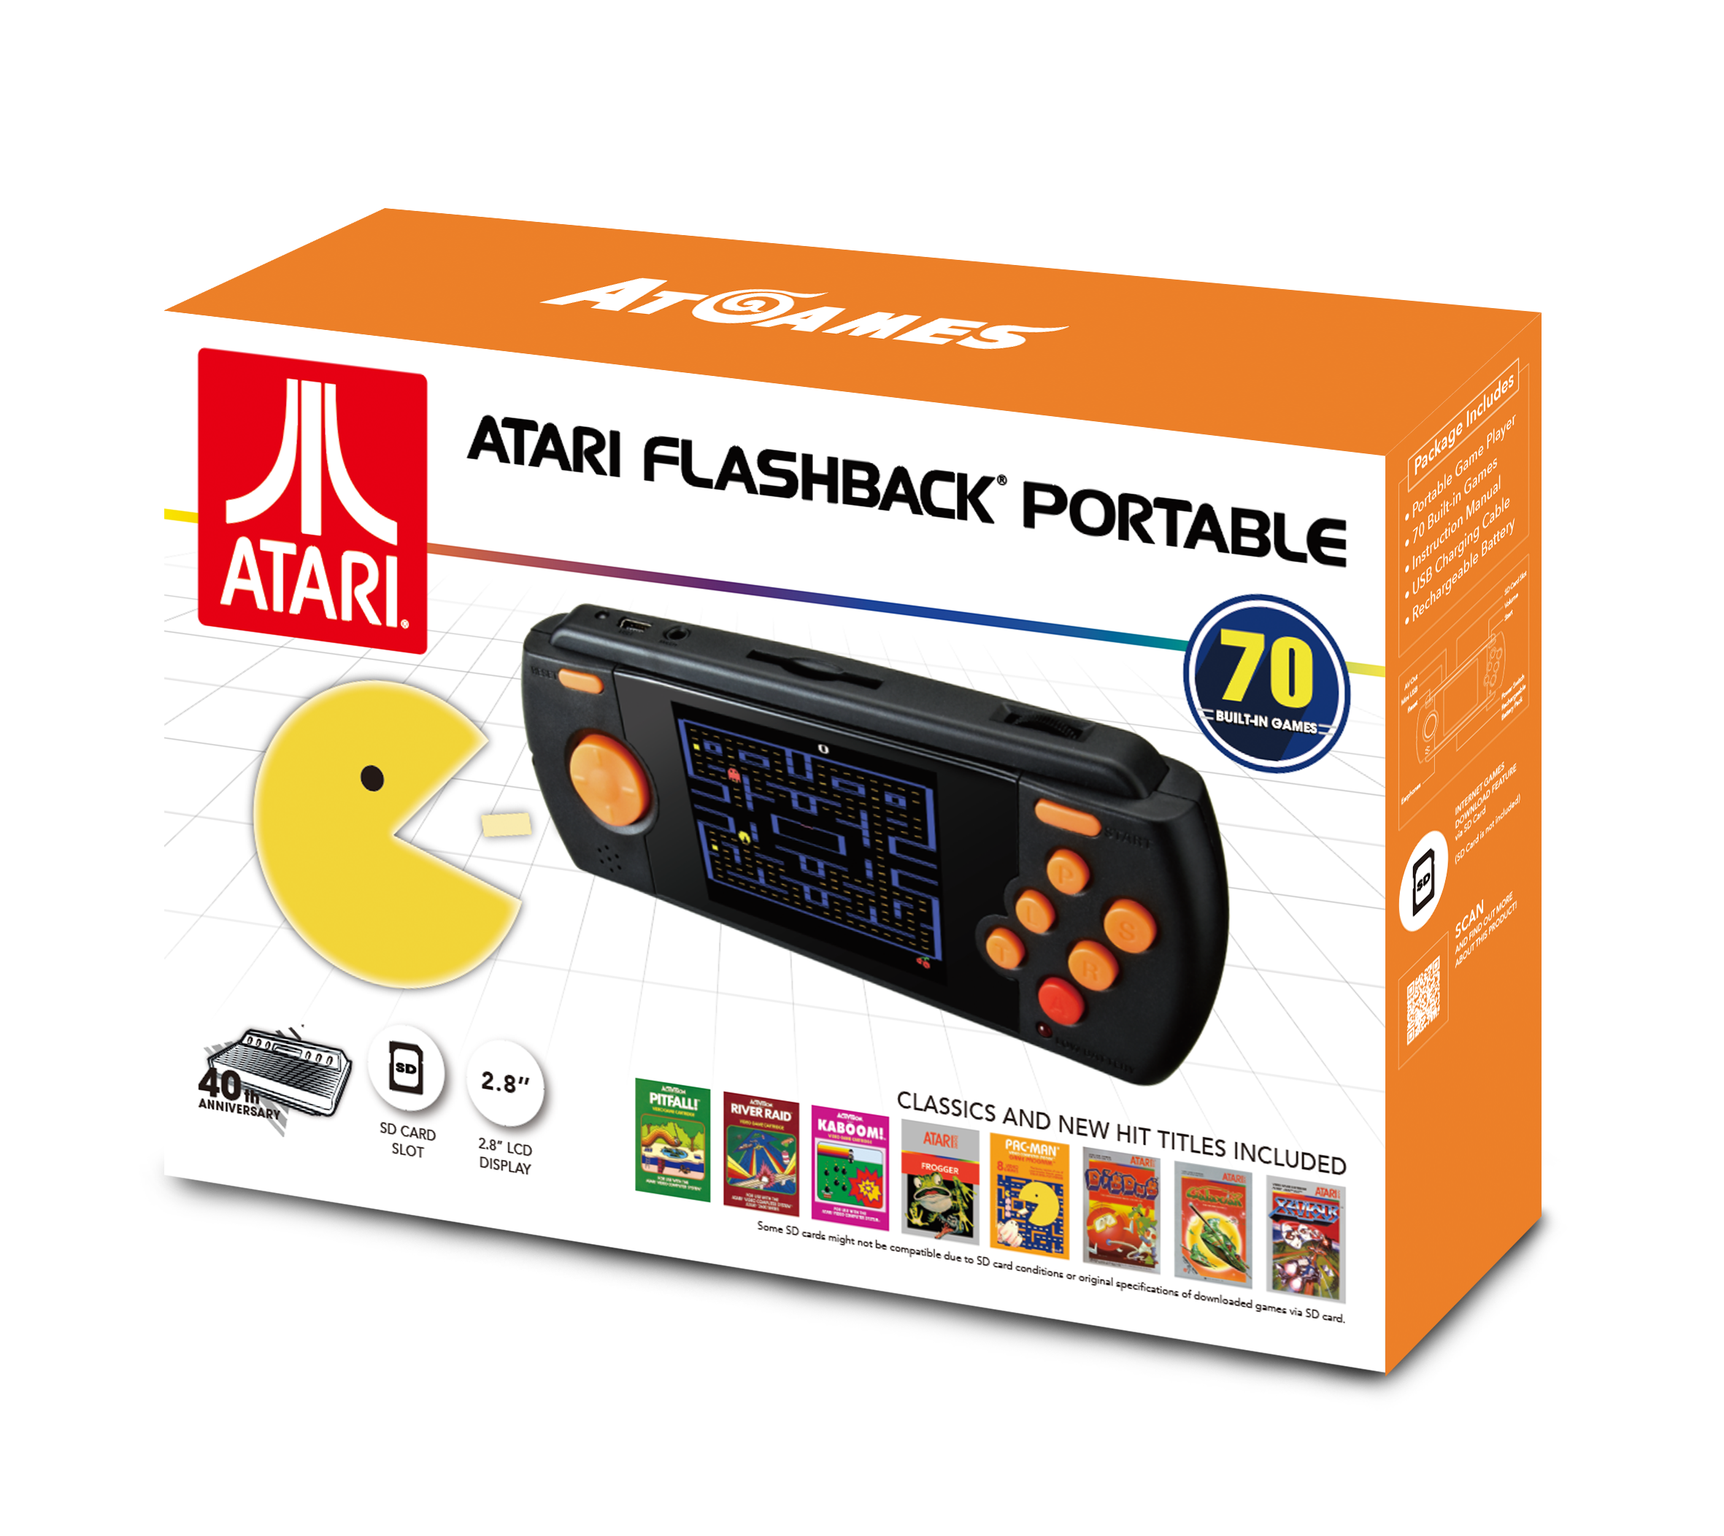 Nueva Version Del Atari Flashback Incluira 120 Juegos De Atari 2600